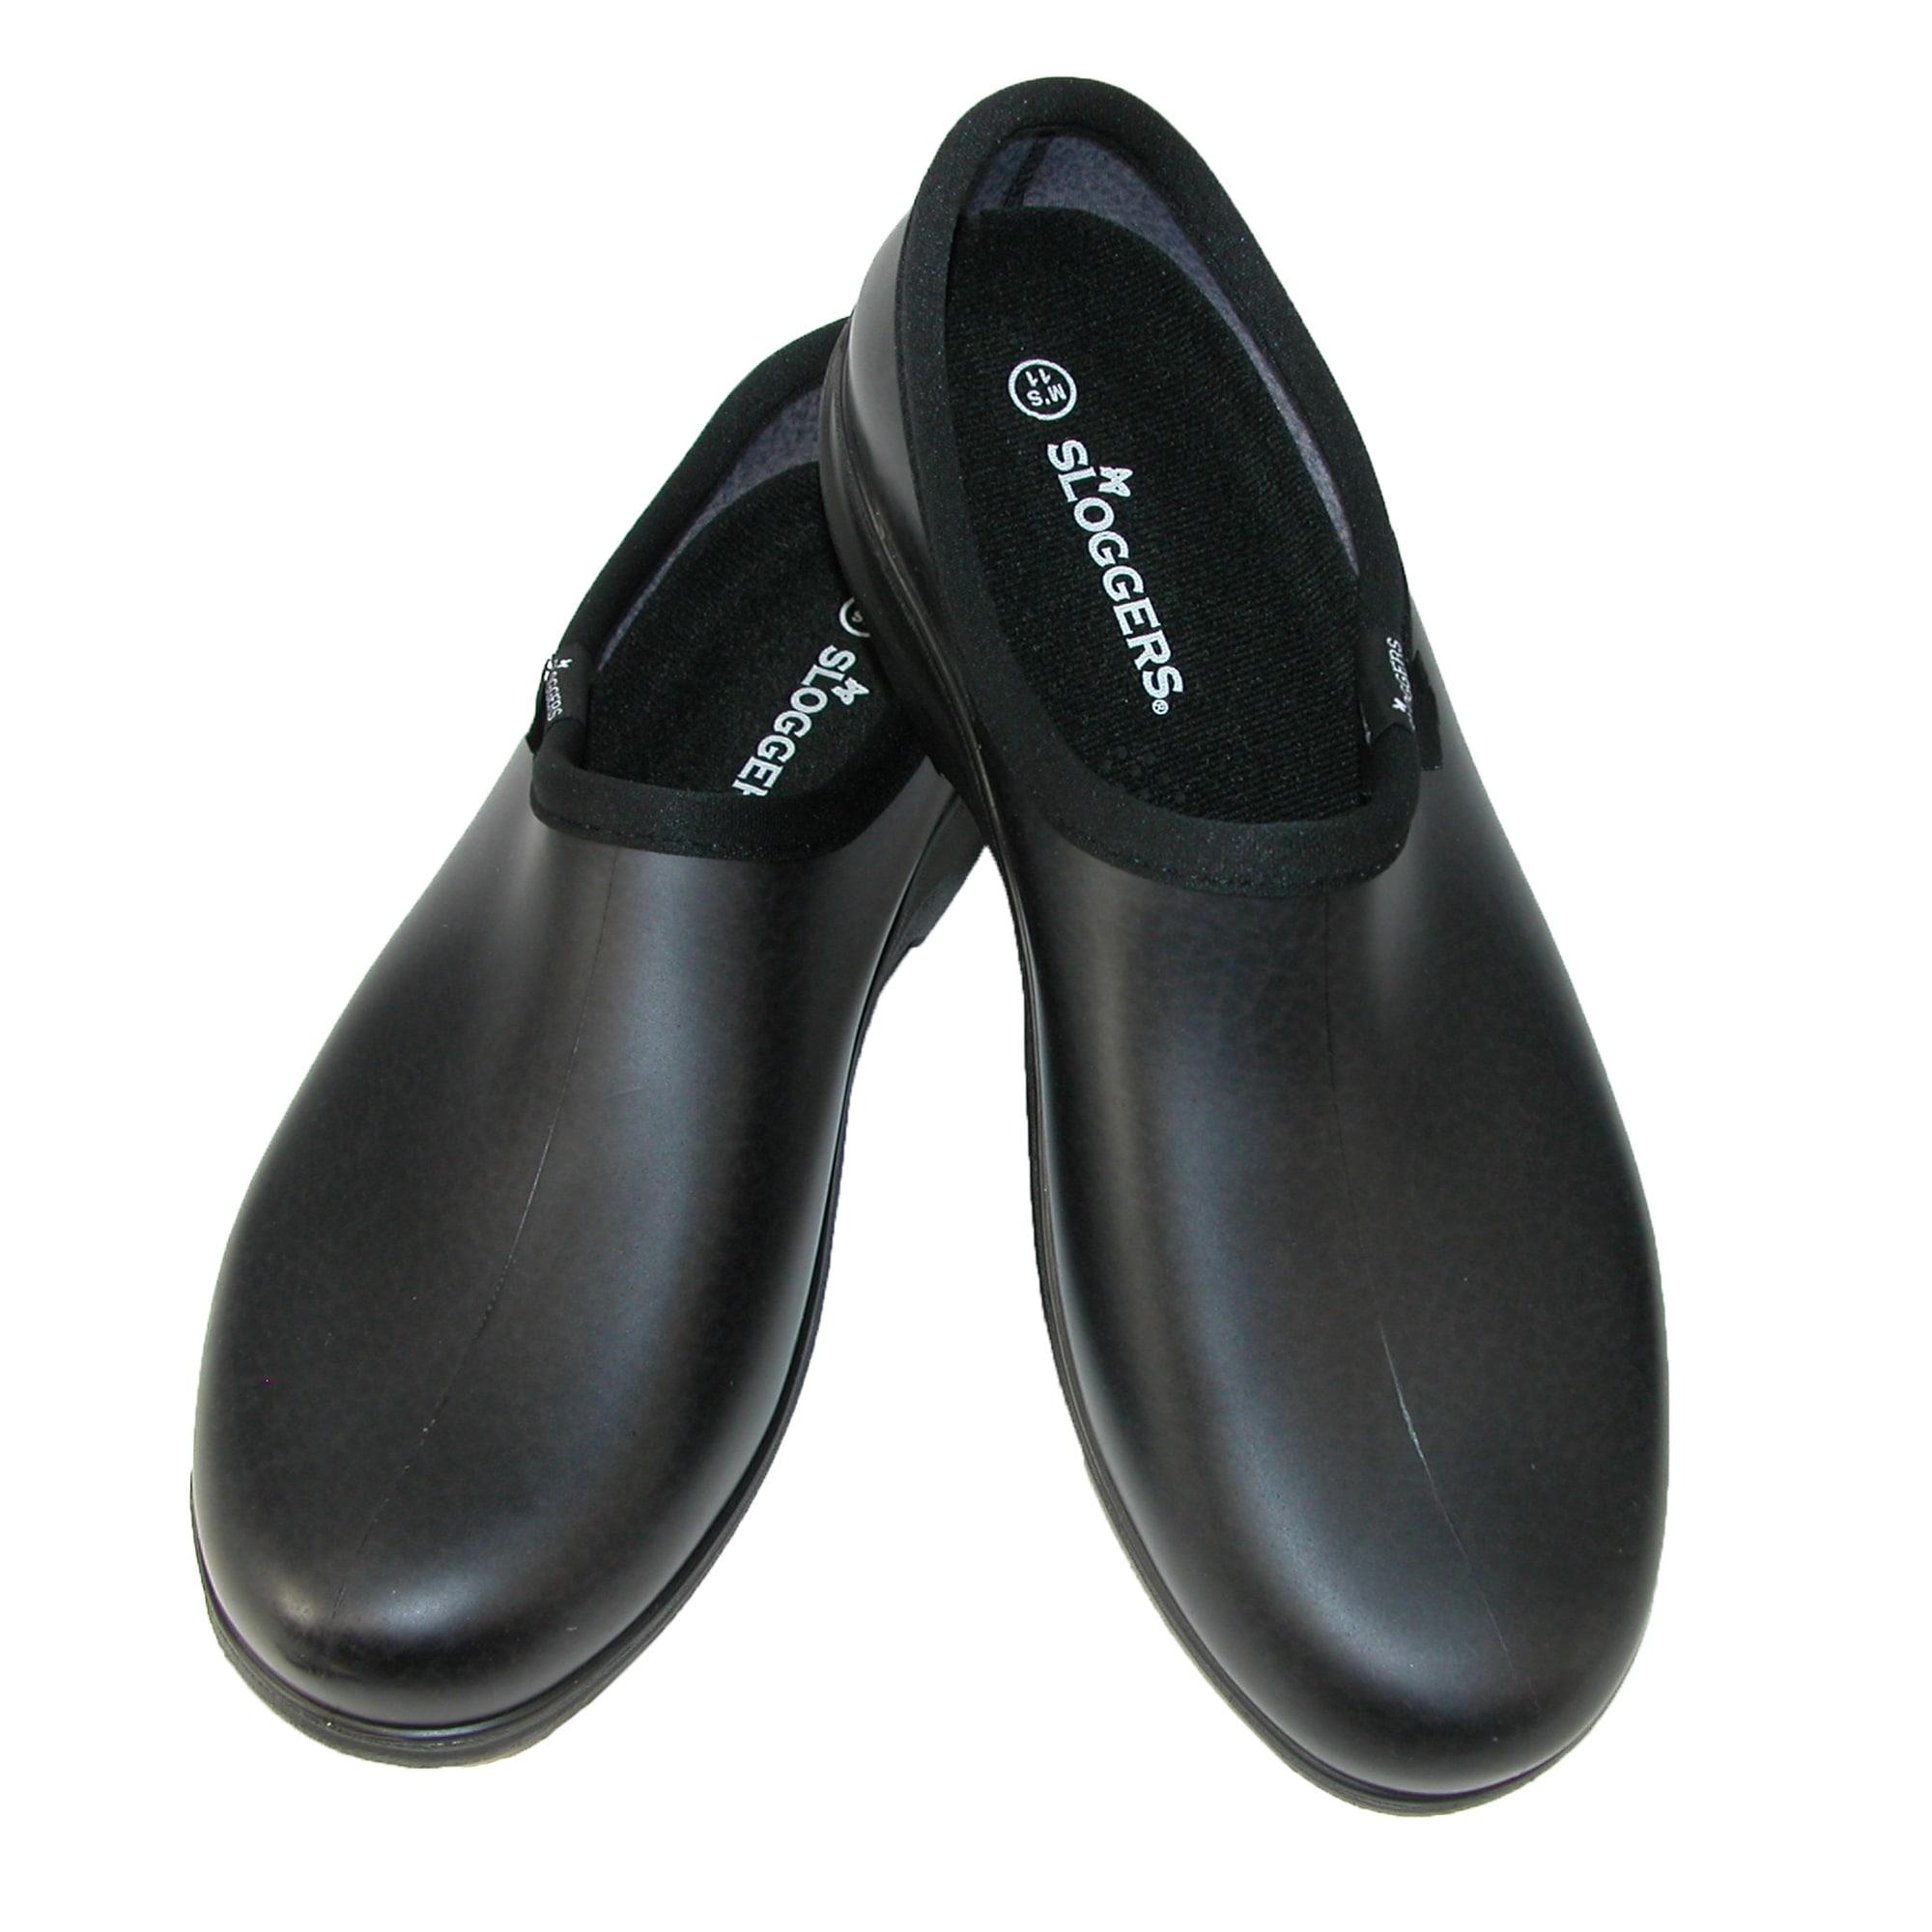 Sloggers Men's Short Rain Shoes